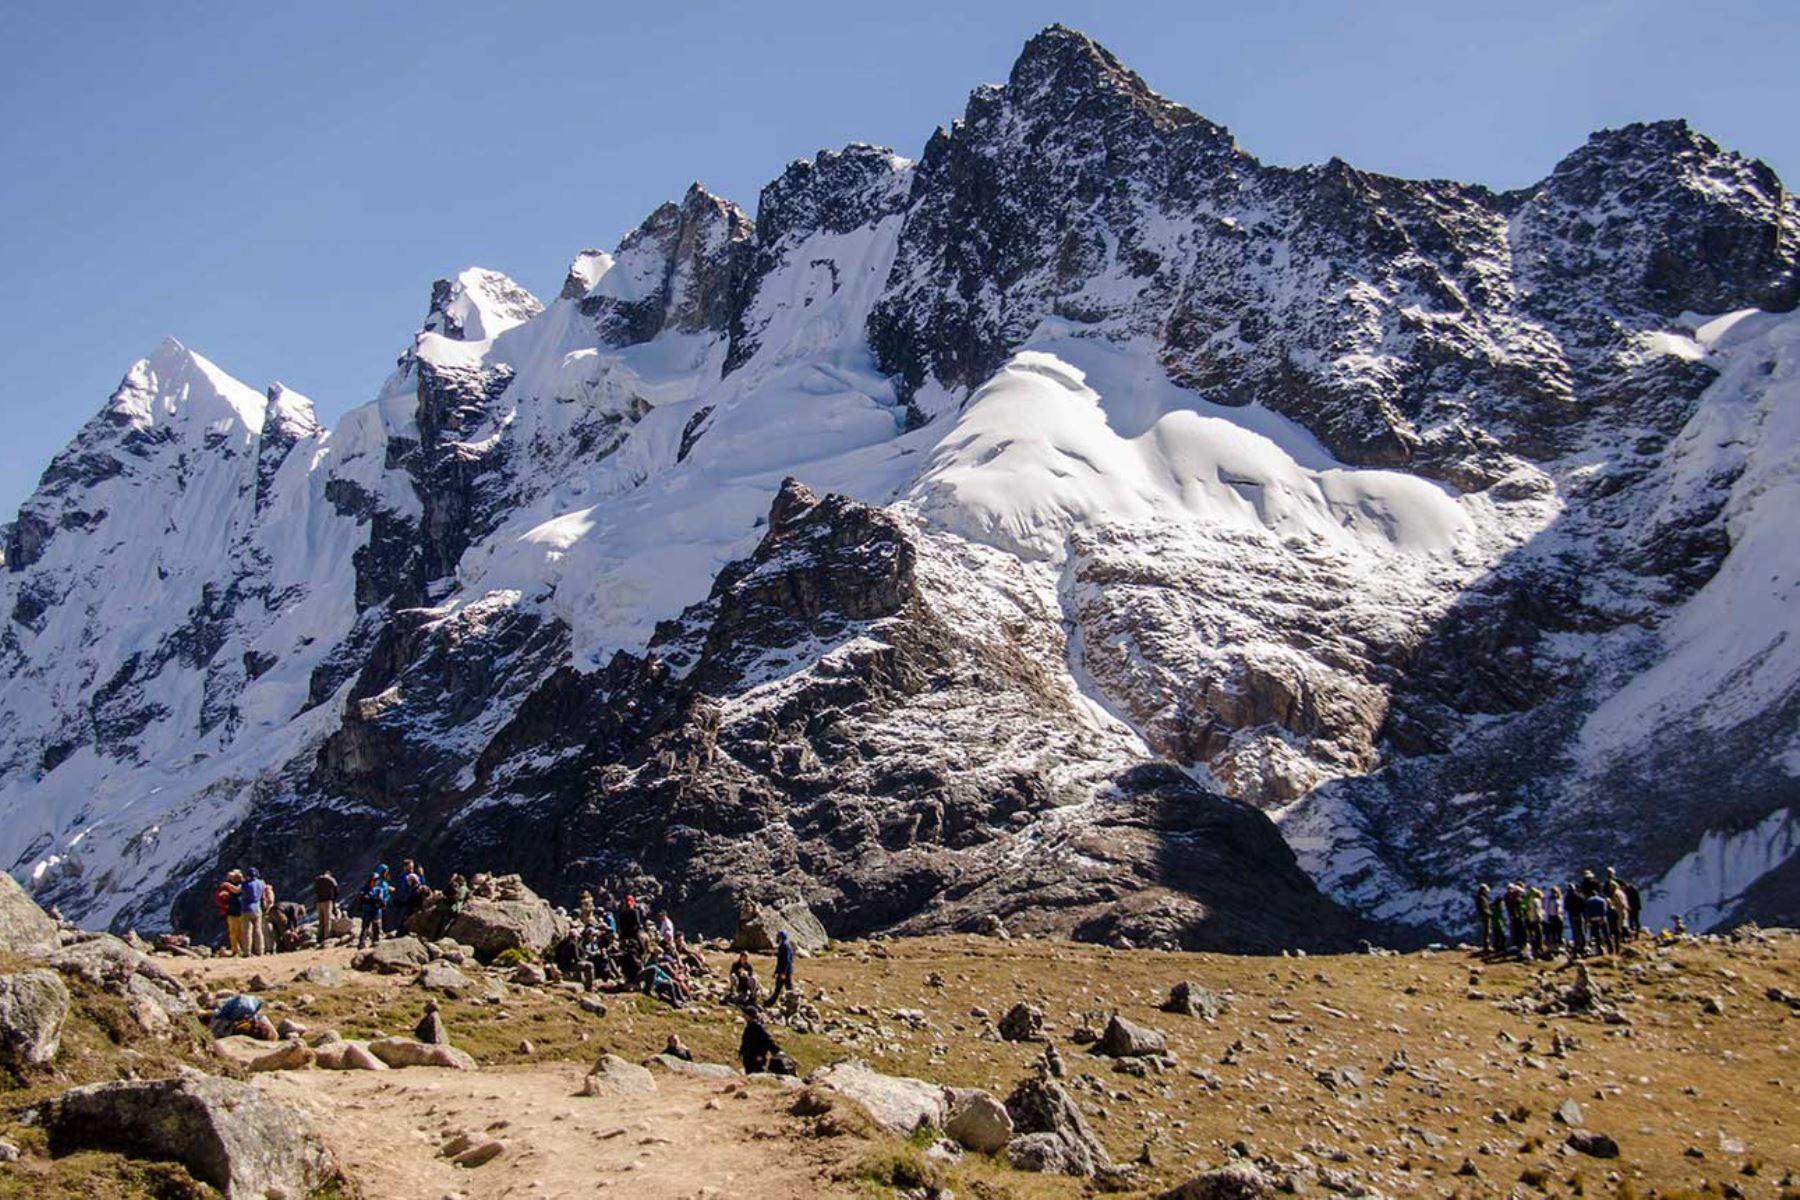 Machu Picchu: maravilla mundial que sorprende también por sus fascinantes nevados, como el Salcantay (6,271 metros de altitud), considerado un dios tutelar desde tiempos prehispánicos.